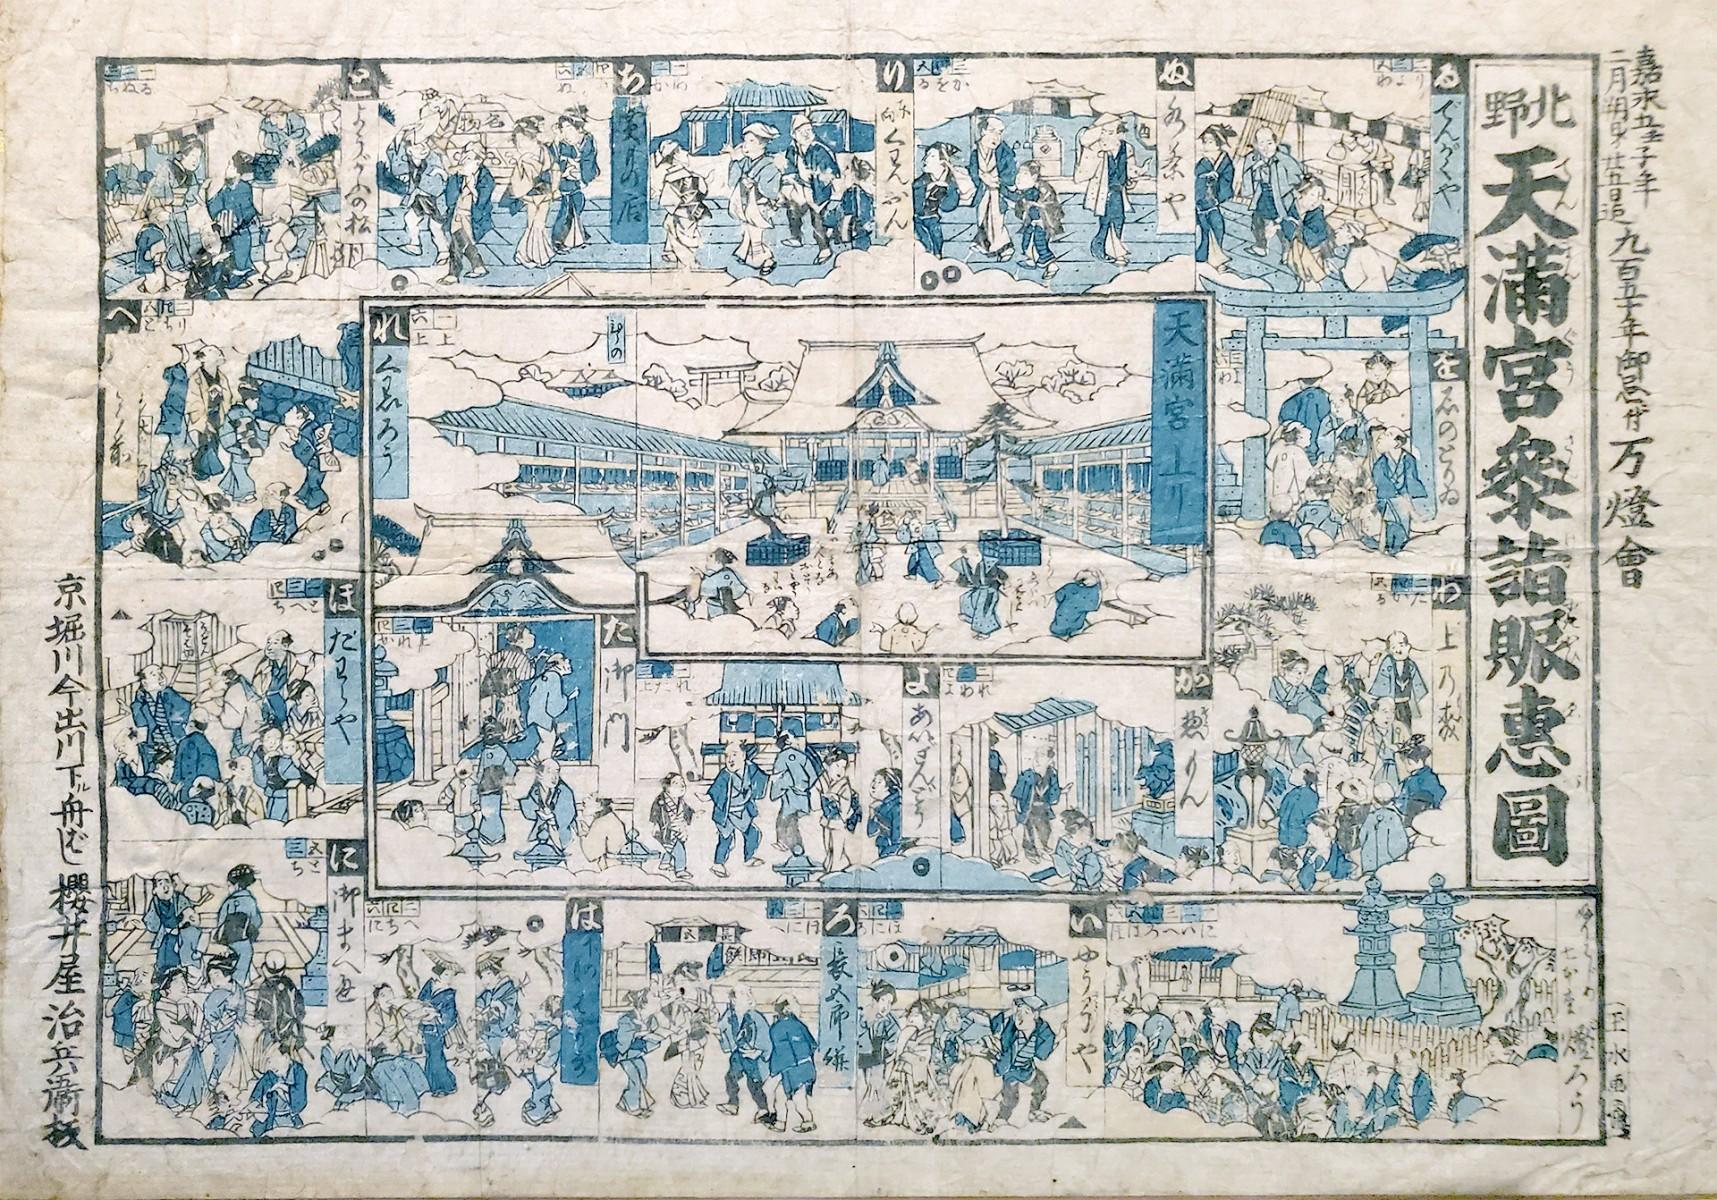 長五郎餅の歴史